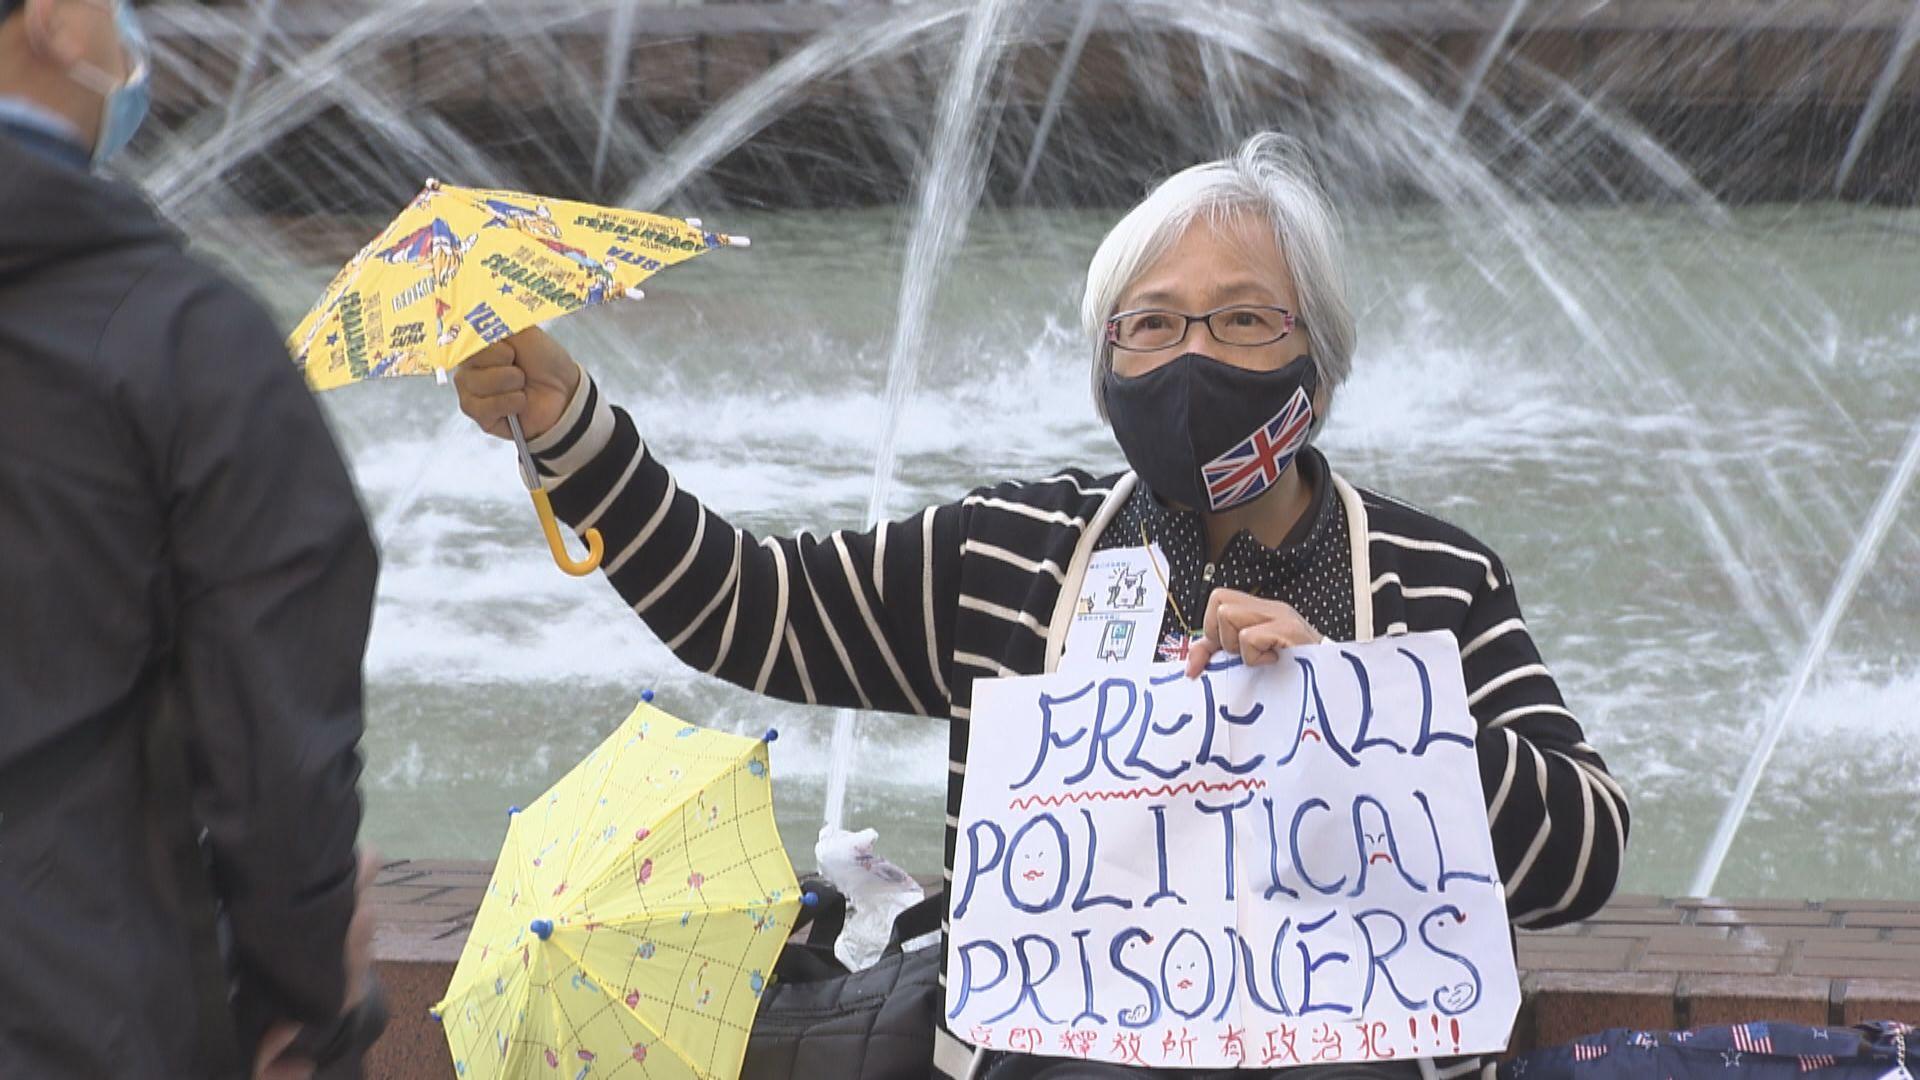 65歲女子在修頓舉標語叫口號涉非法集結被捕 據了解是人稱「王婆婆」的王鳳瑤